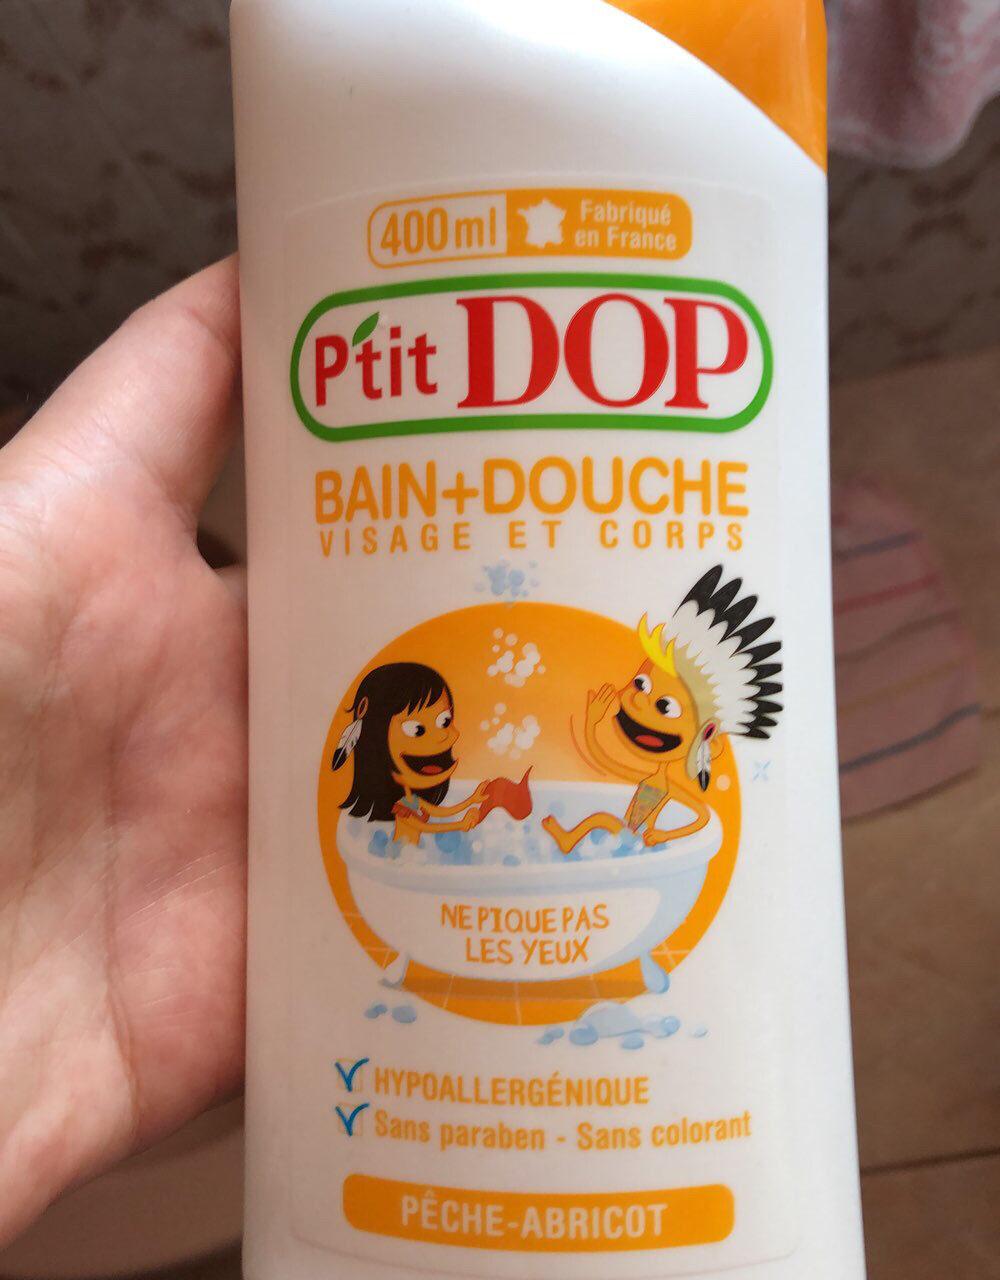 P'tit dop bain + douche - Product